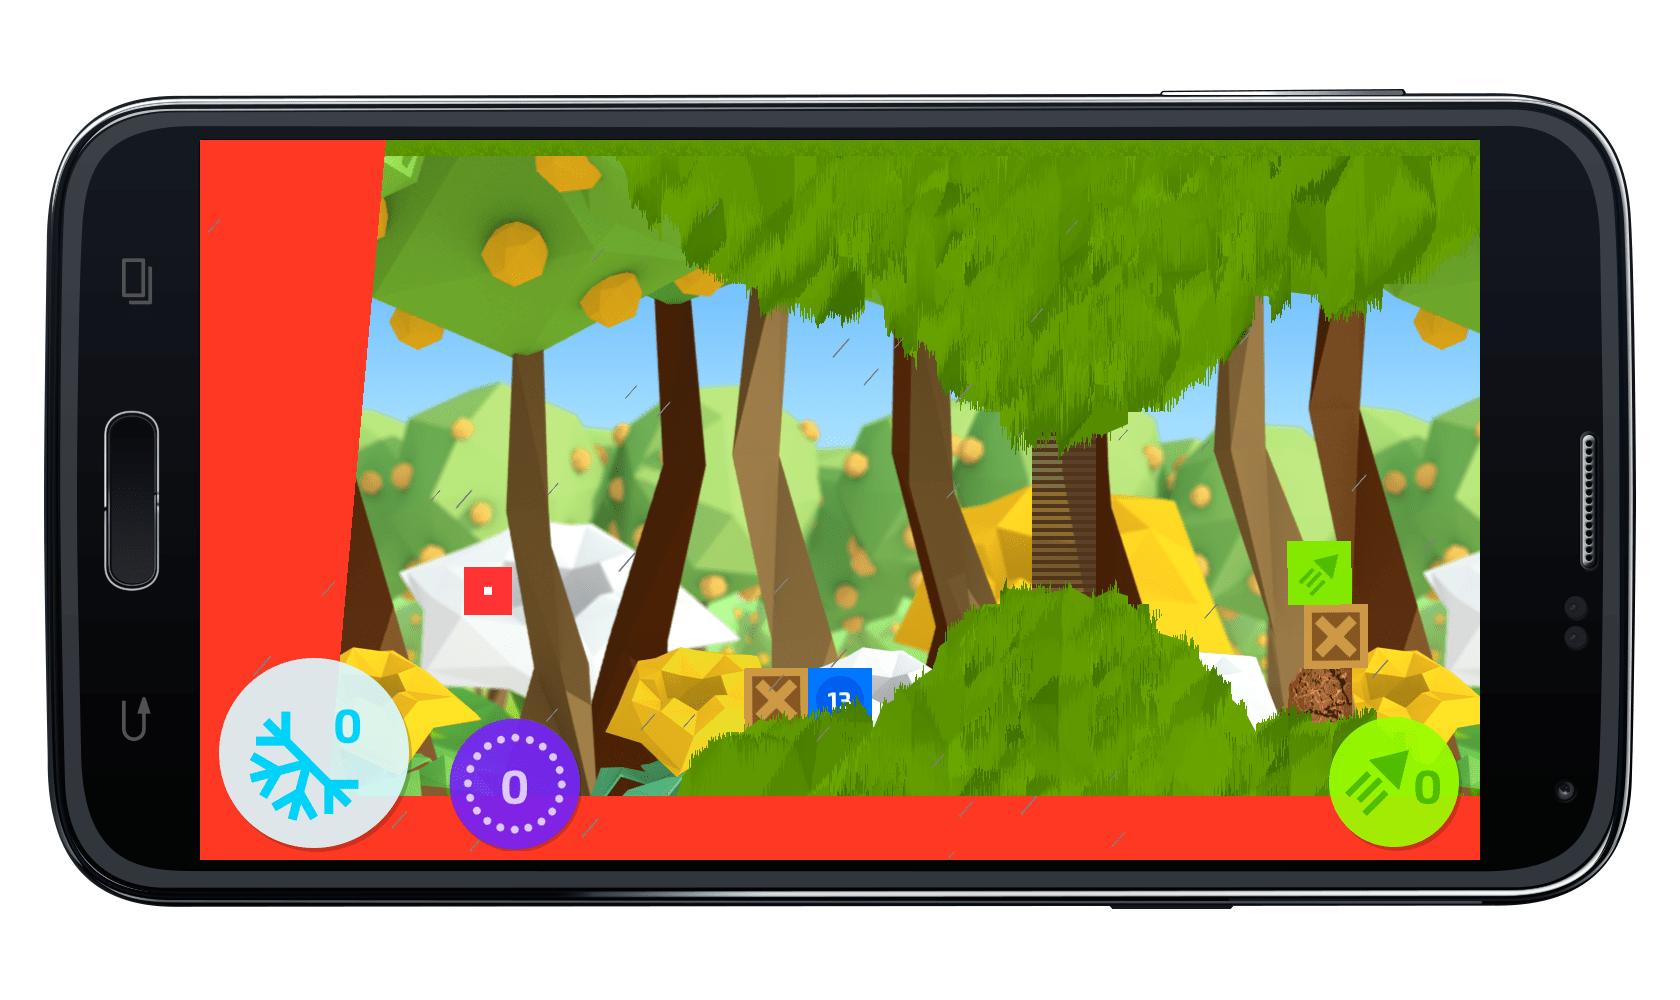 Графика и музыка игры Escbox Сайт Артура Нецветаева — сайты, приложения, прототипы и оформление интерфейсов 12